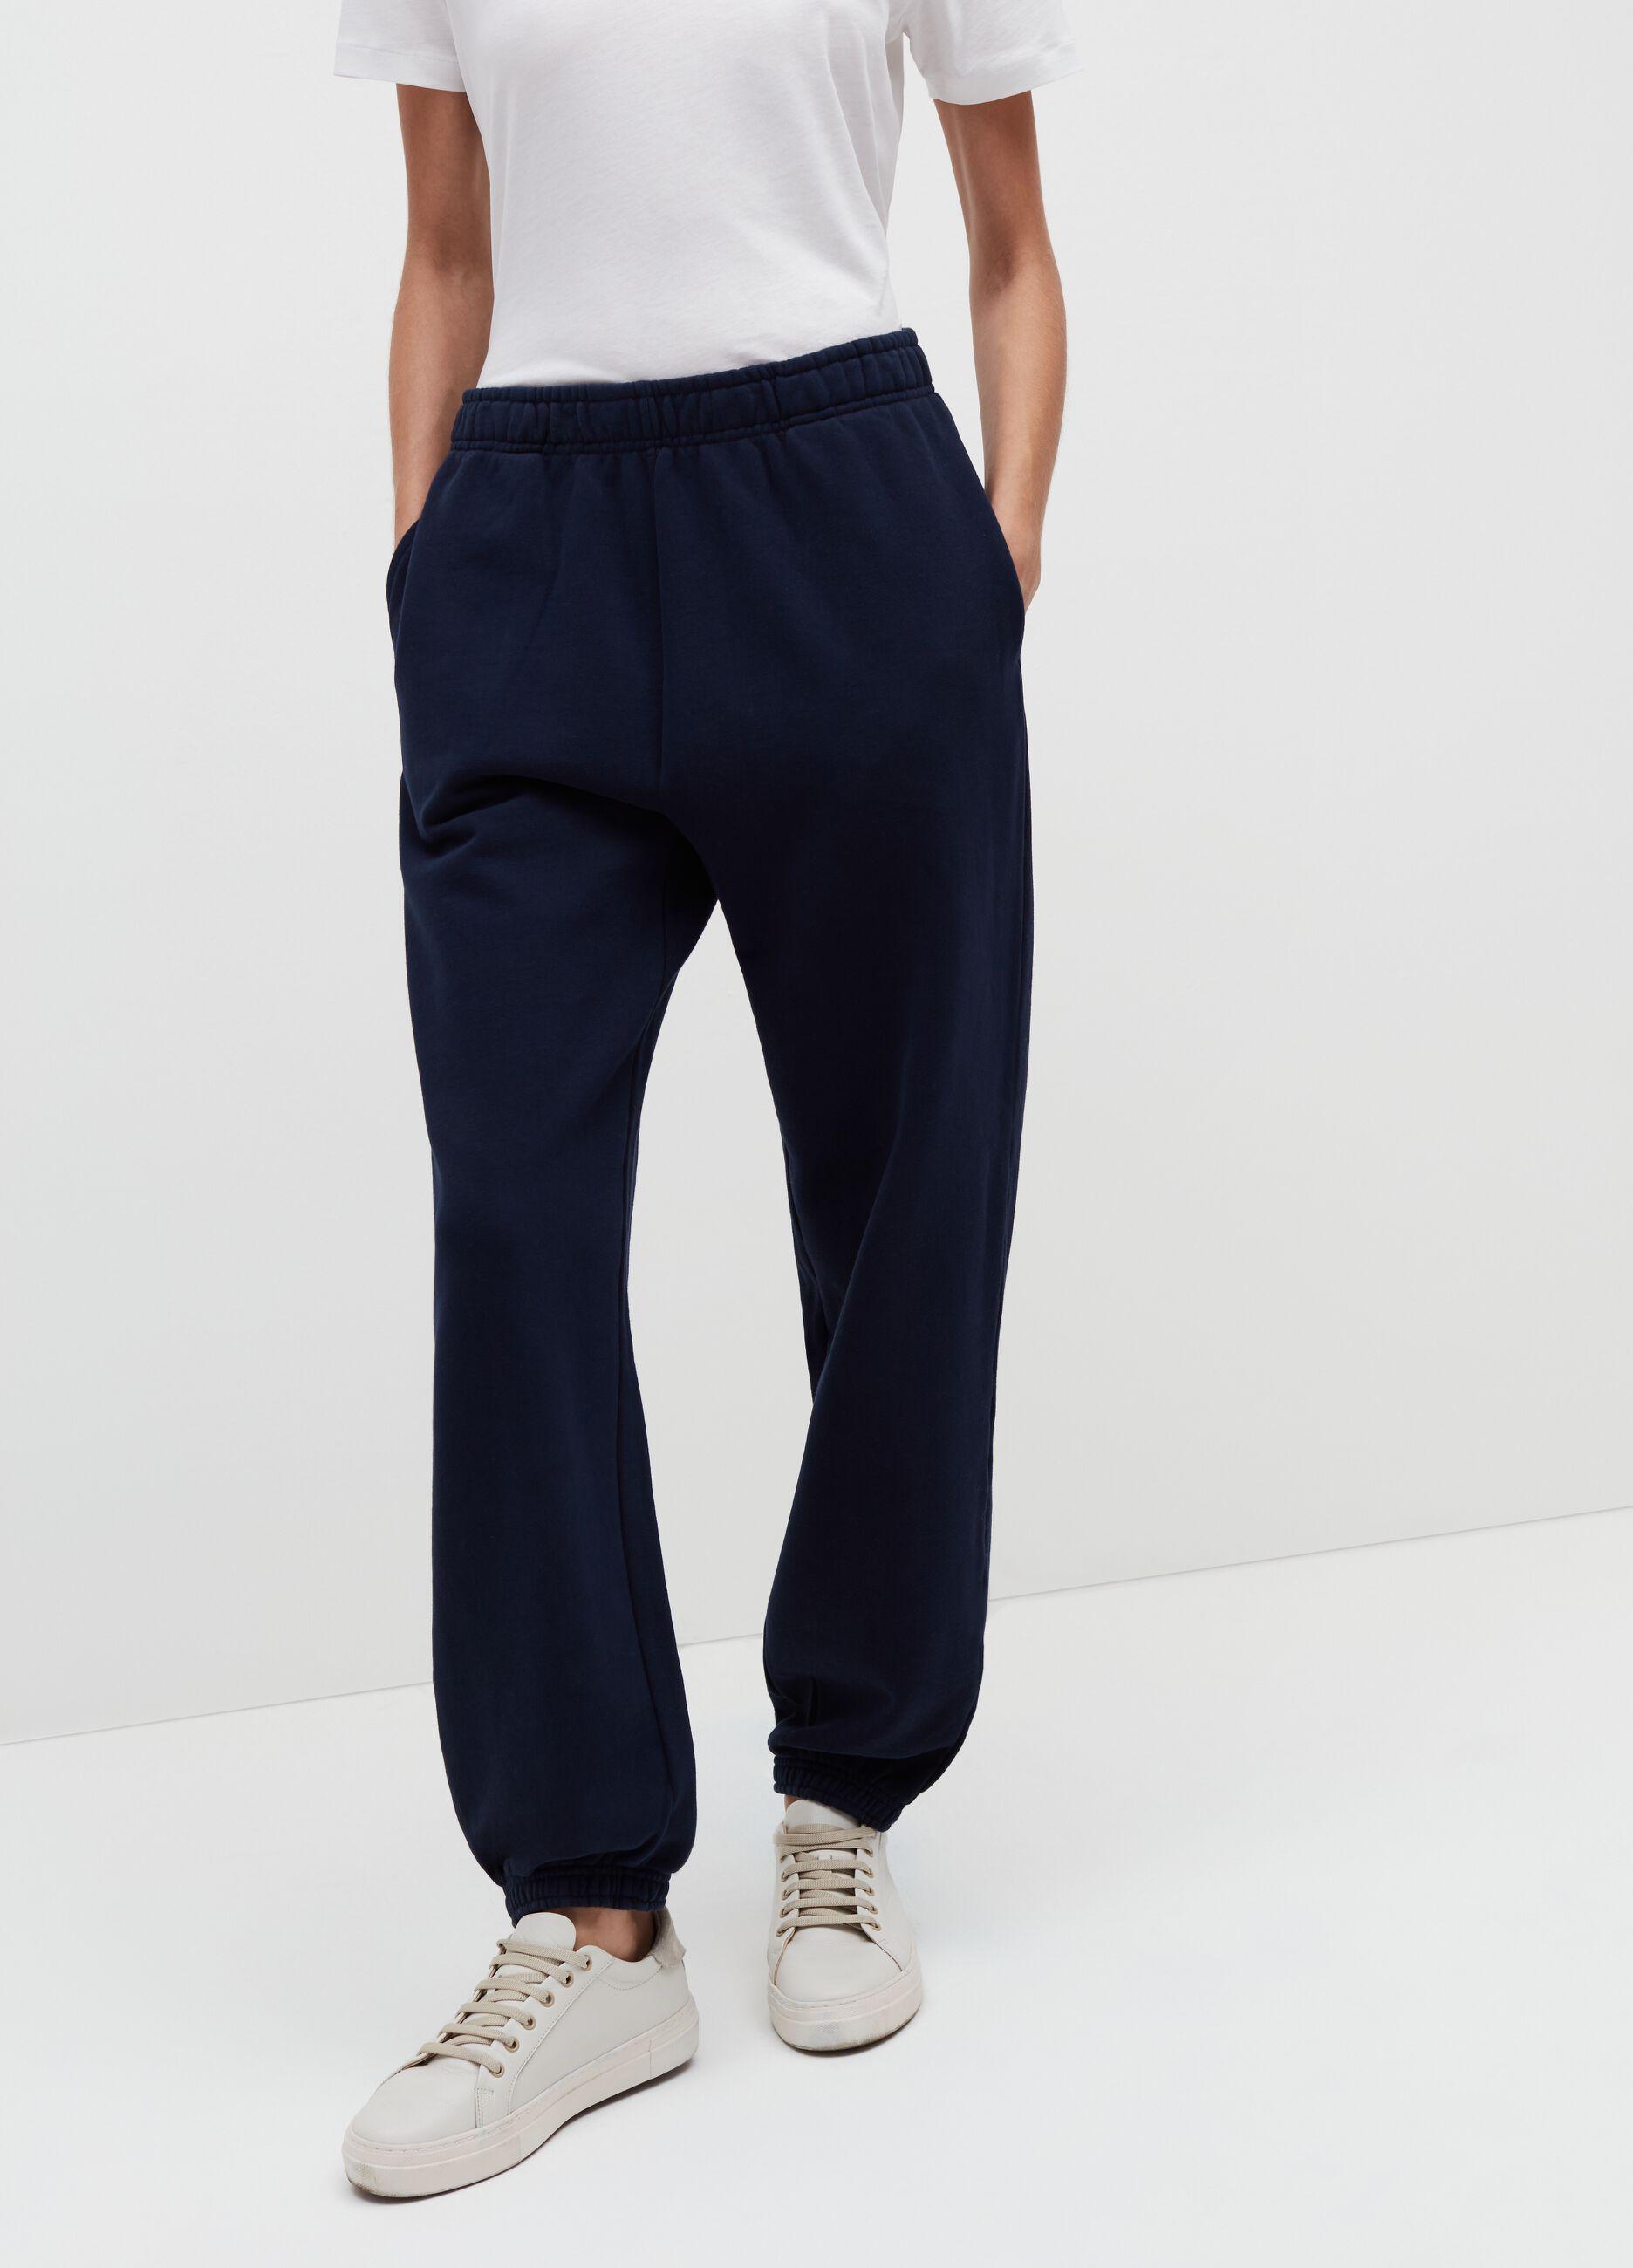 Pantalone jogging in felpa Blu